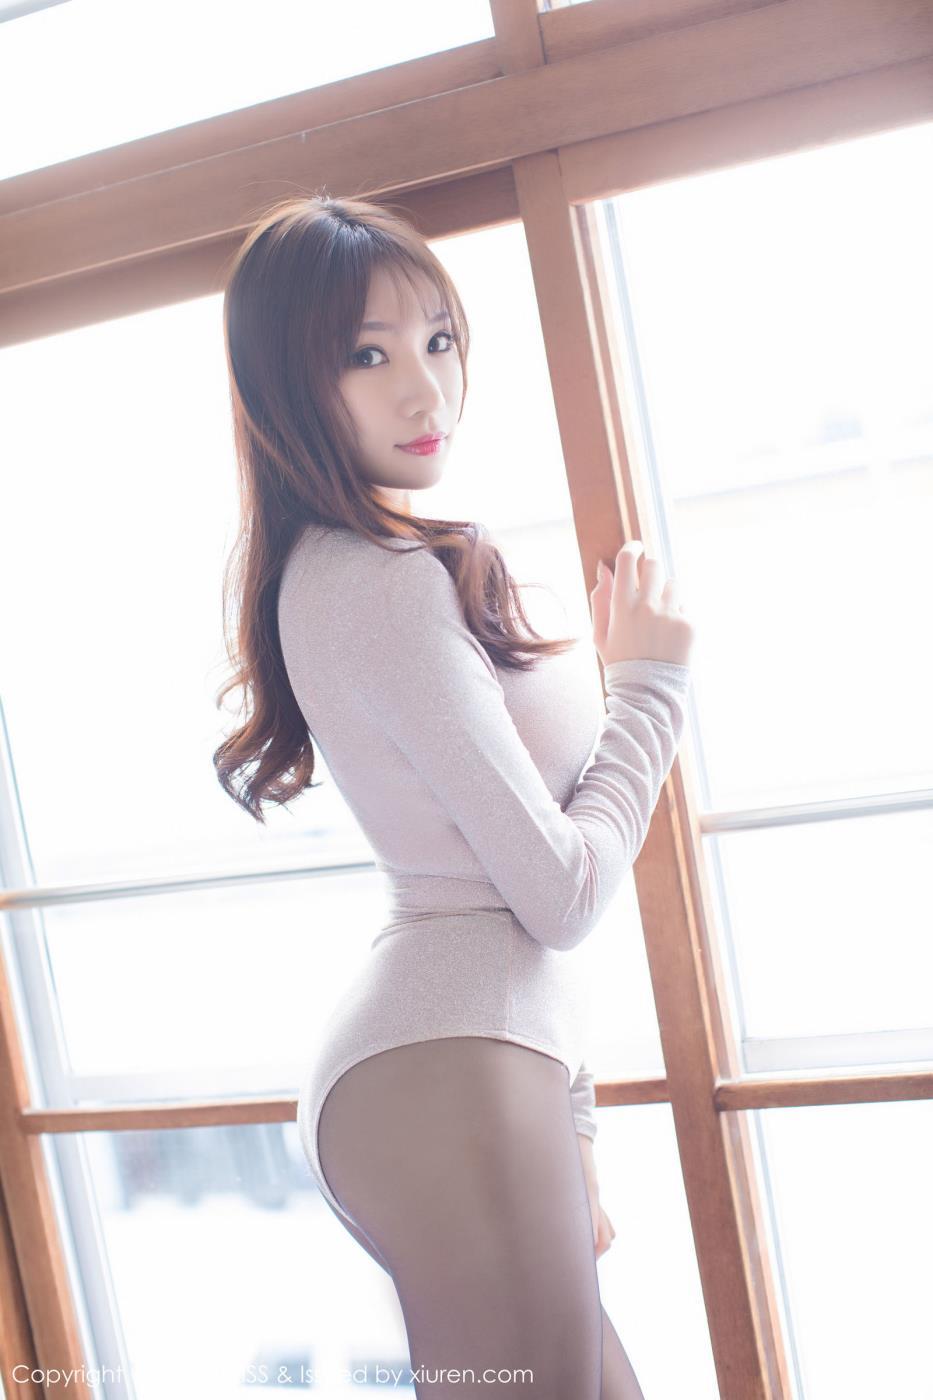 爱蜜社小狐狸Kathryn性感美女透视装丝袜诱惑写真